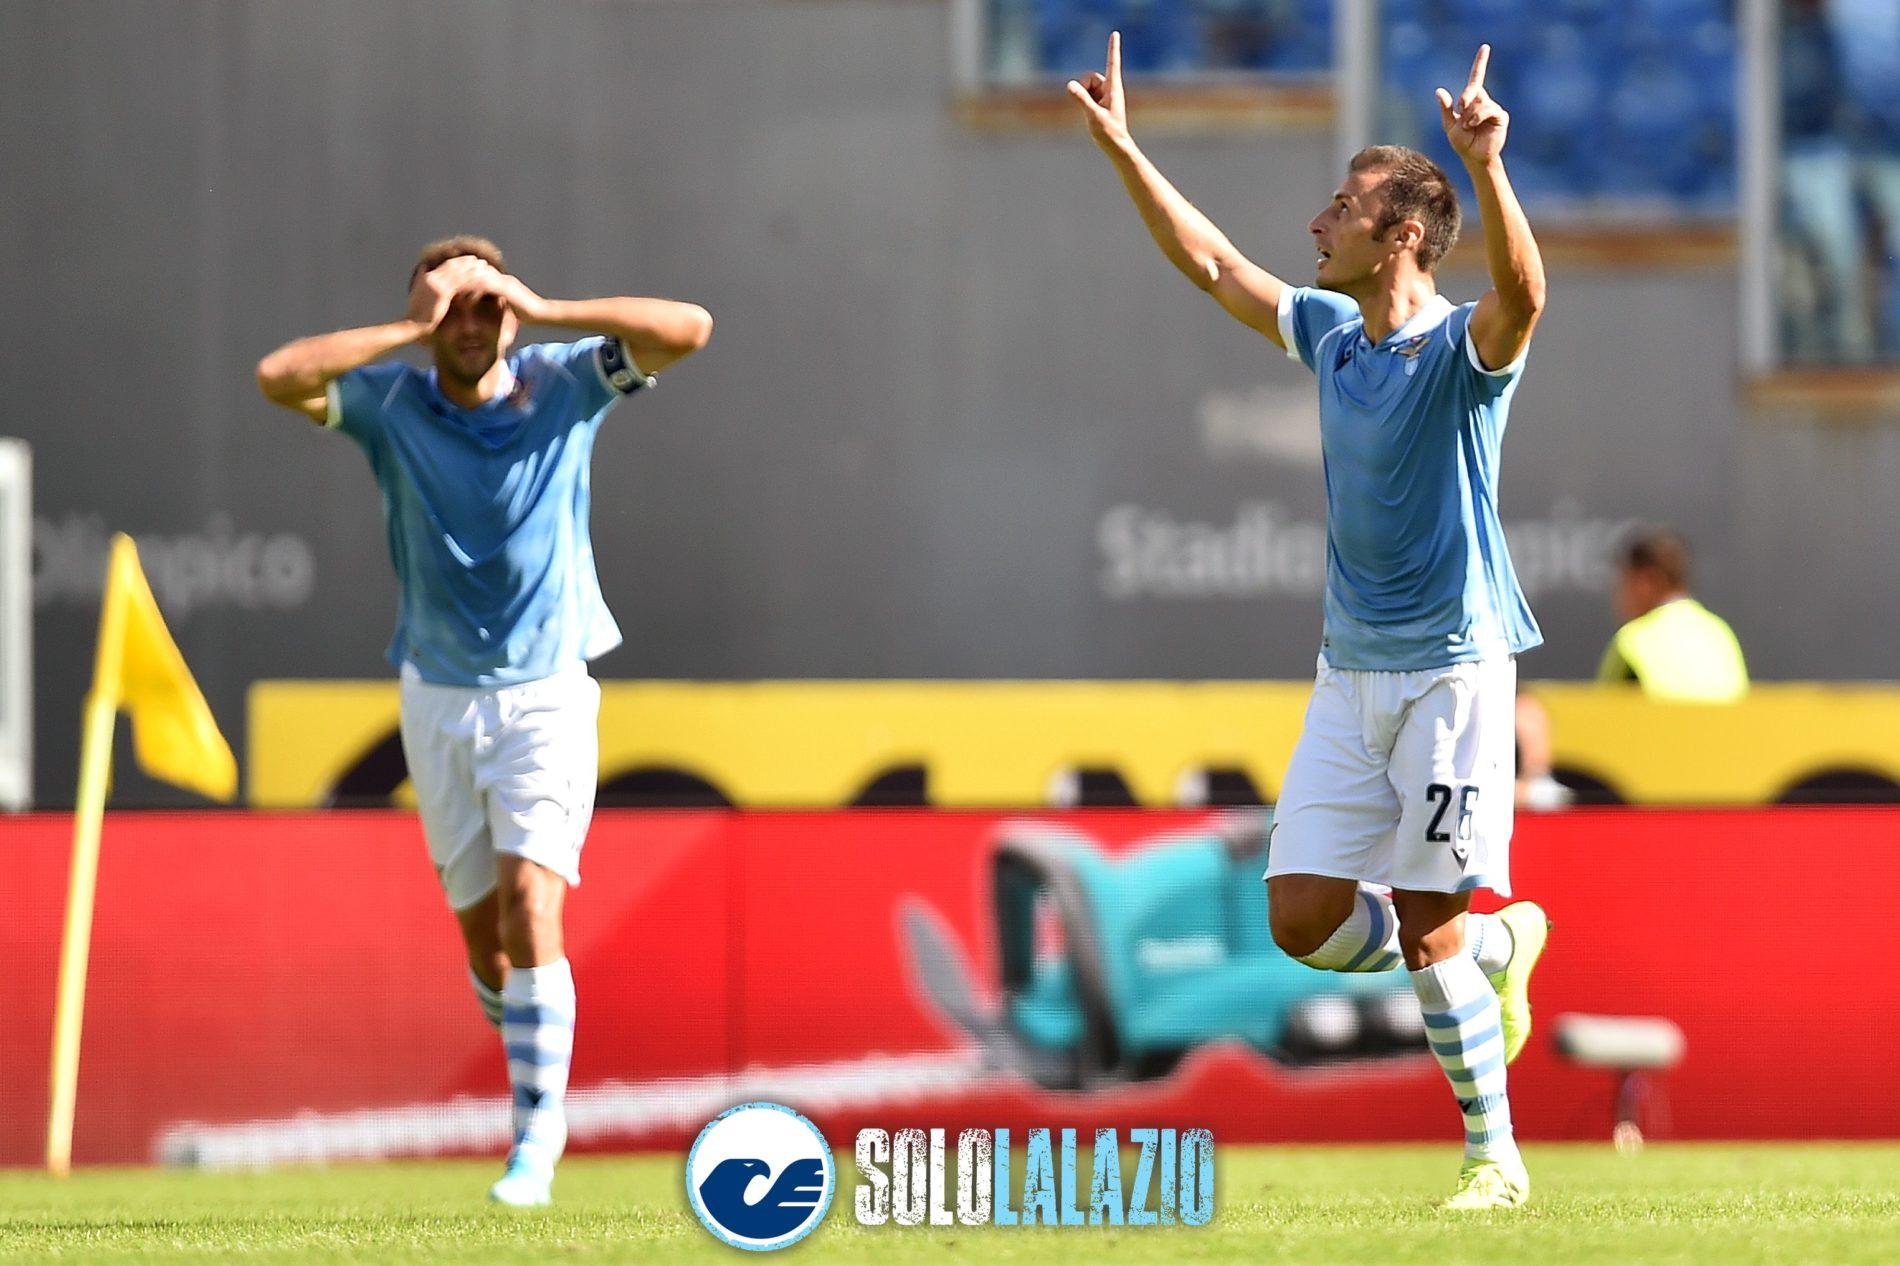 Radu e i derby: il romeno ha gli stessi numeri di Silvio Piola